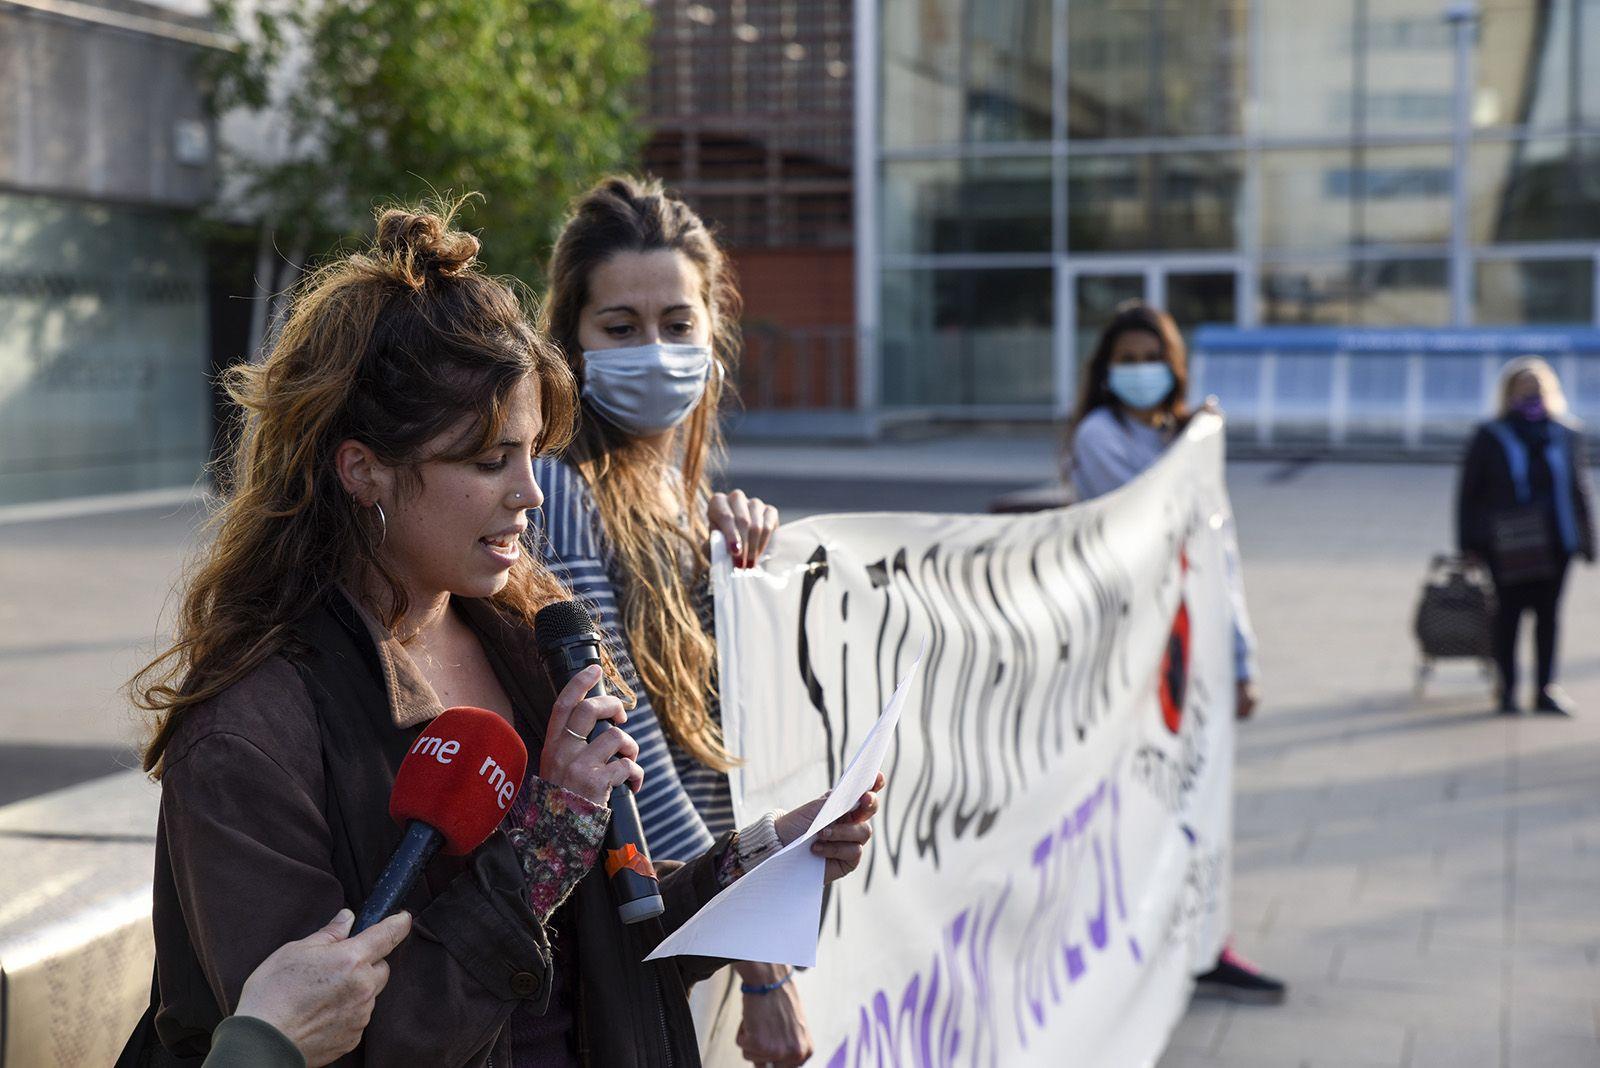 Concentració feminista denuncia l'abús sexual a una menor. Fotos Bernat Millet 8